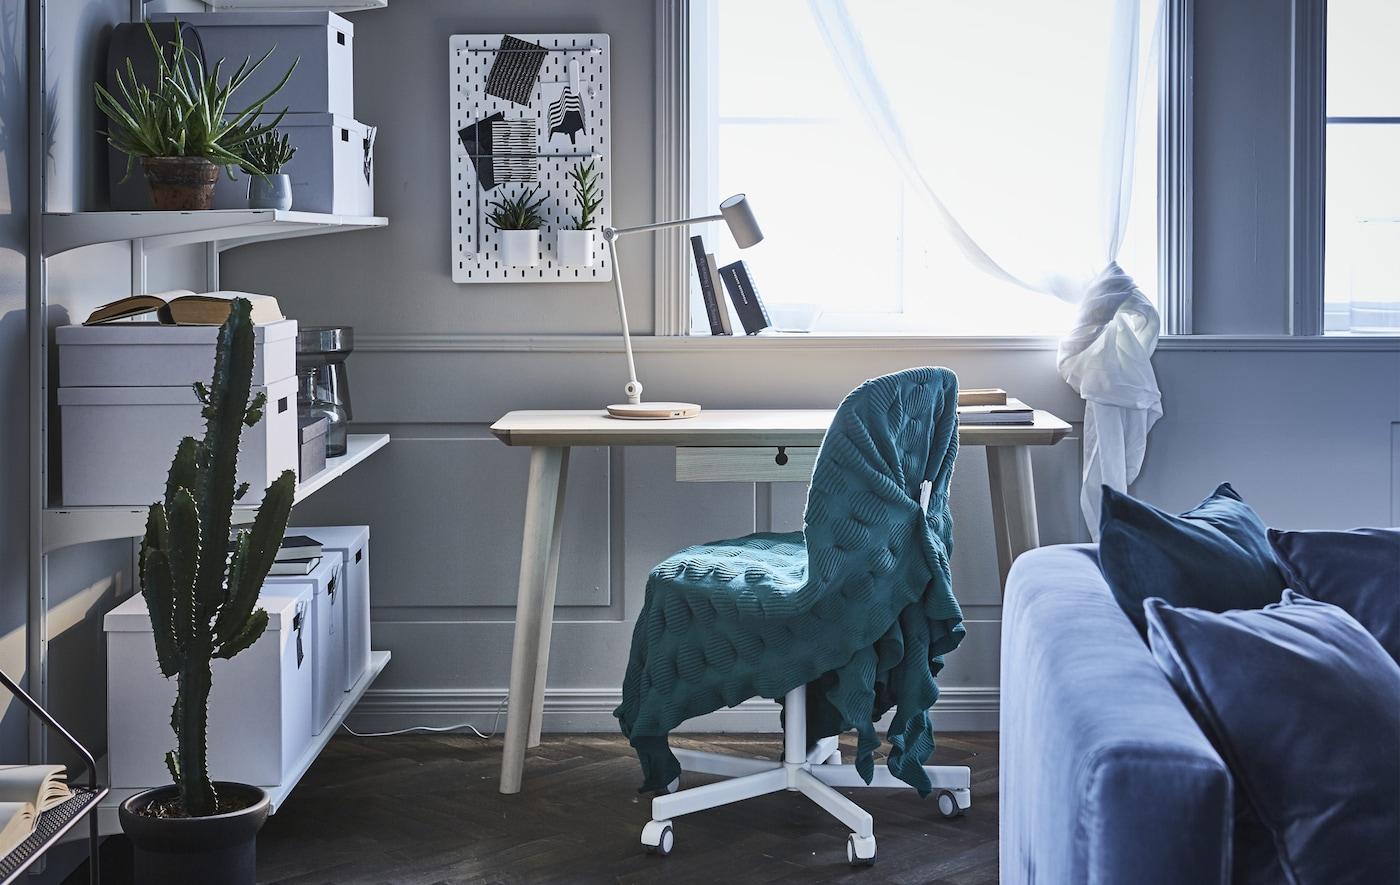 Indret et moderne hjemmekontor i stuen med stilrene kontormøbler! Få en stol til at matche stuens indretning ved at svøbe den i en grøn plaid! IKEA har et stort sortiment af kontorstole, bl.a. ÖRFJÄLL/SPORREN kontorstol.